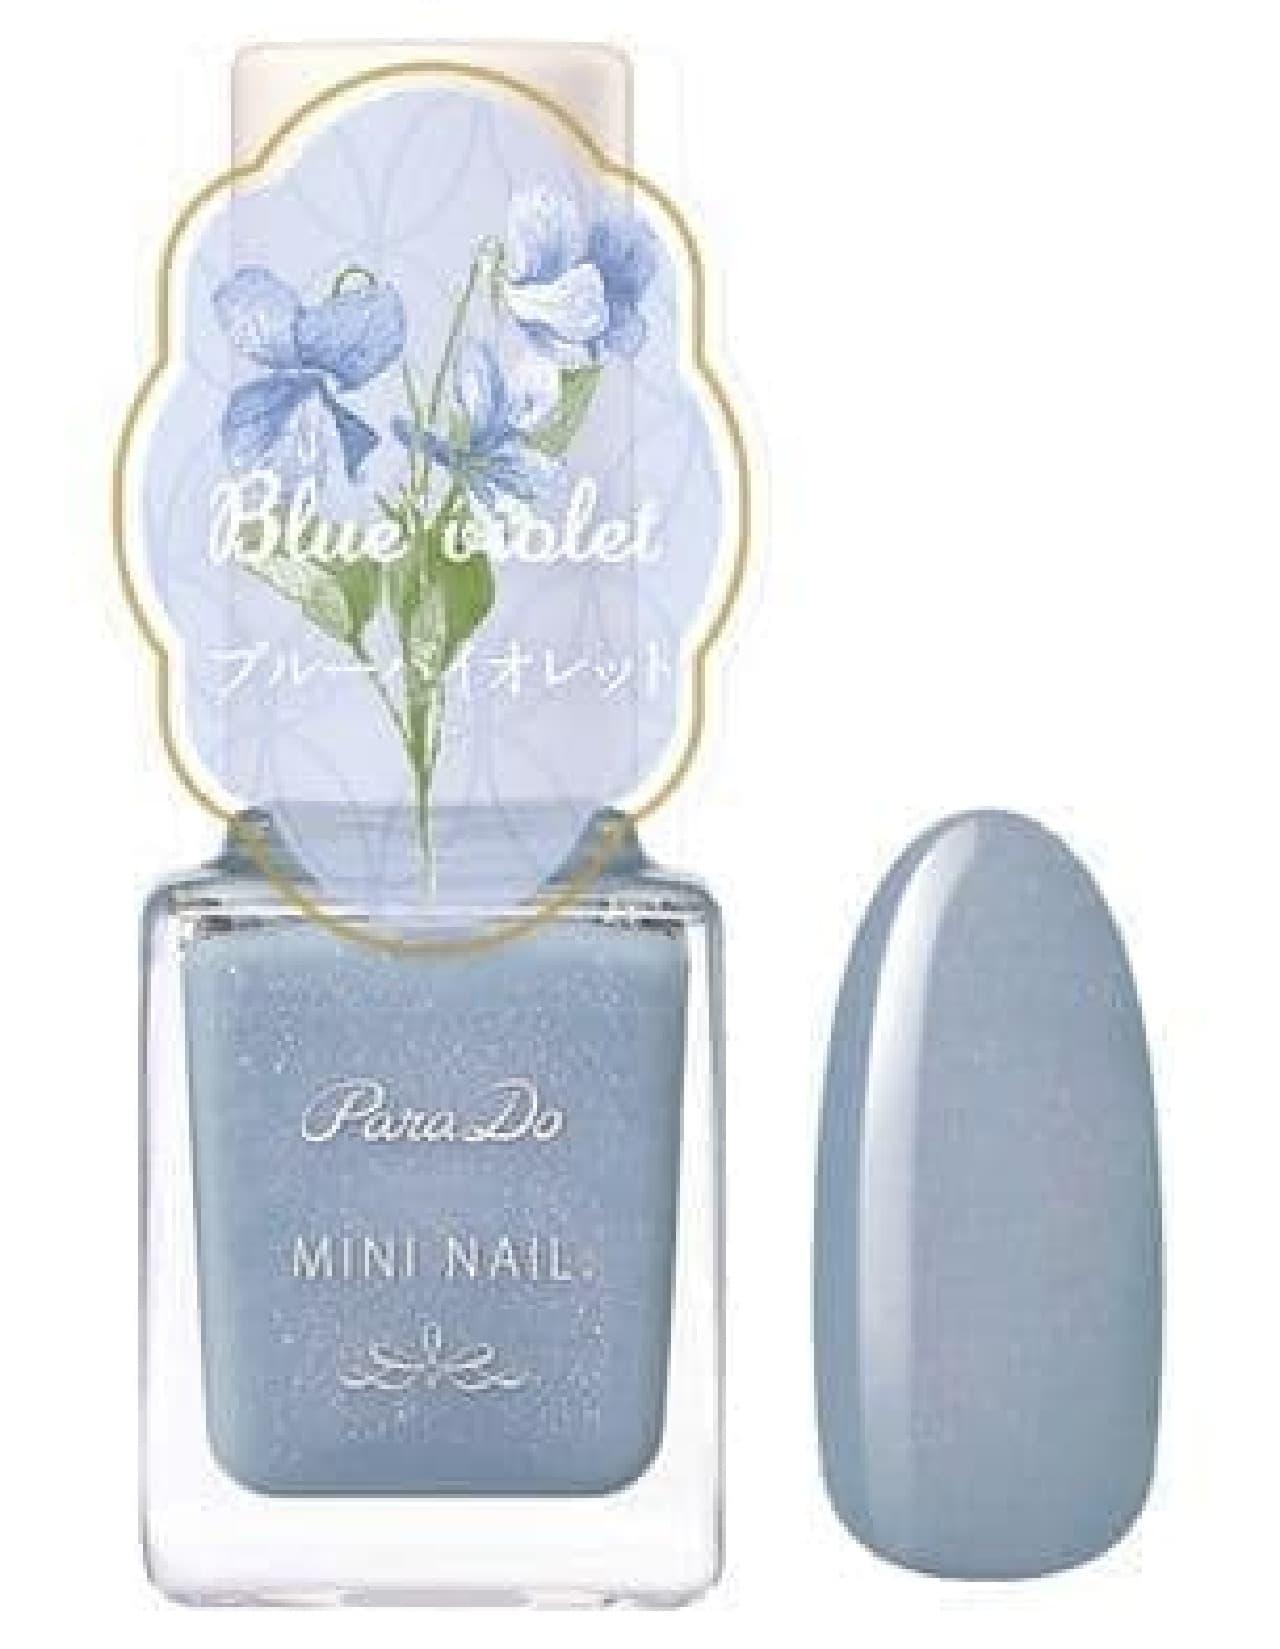 「パラドゥ ミニネイル」の2021年春夏限定カラーBL10 ブルーバイオレット